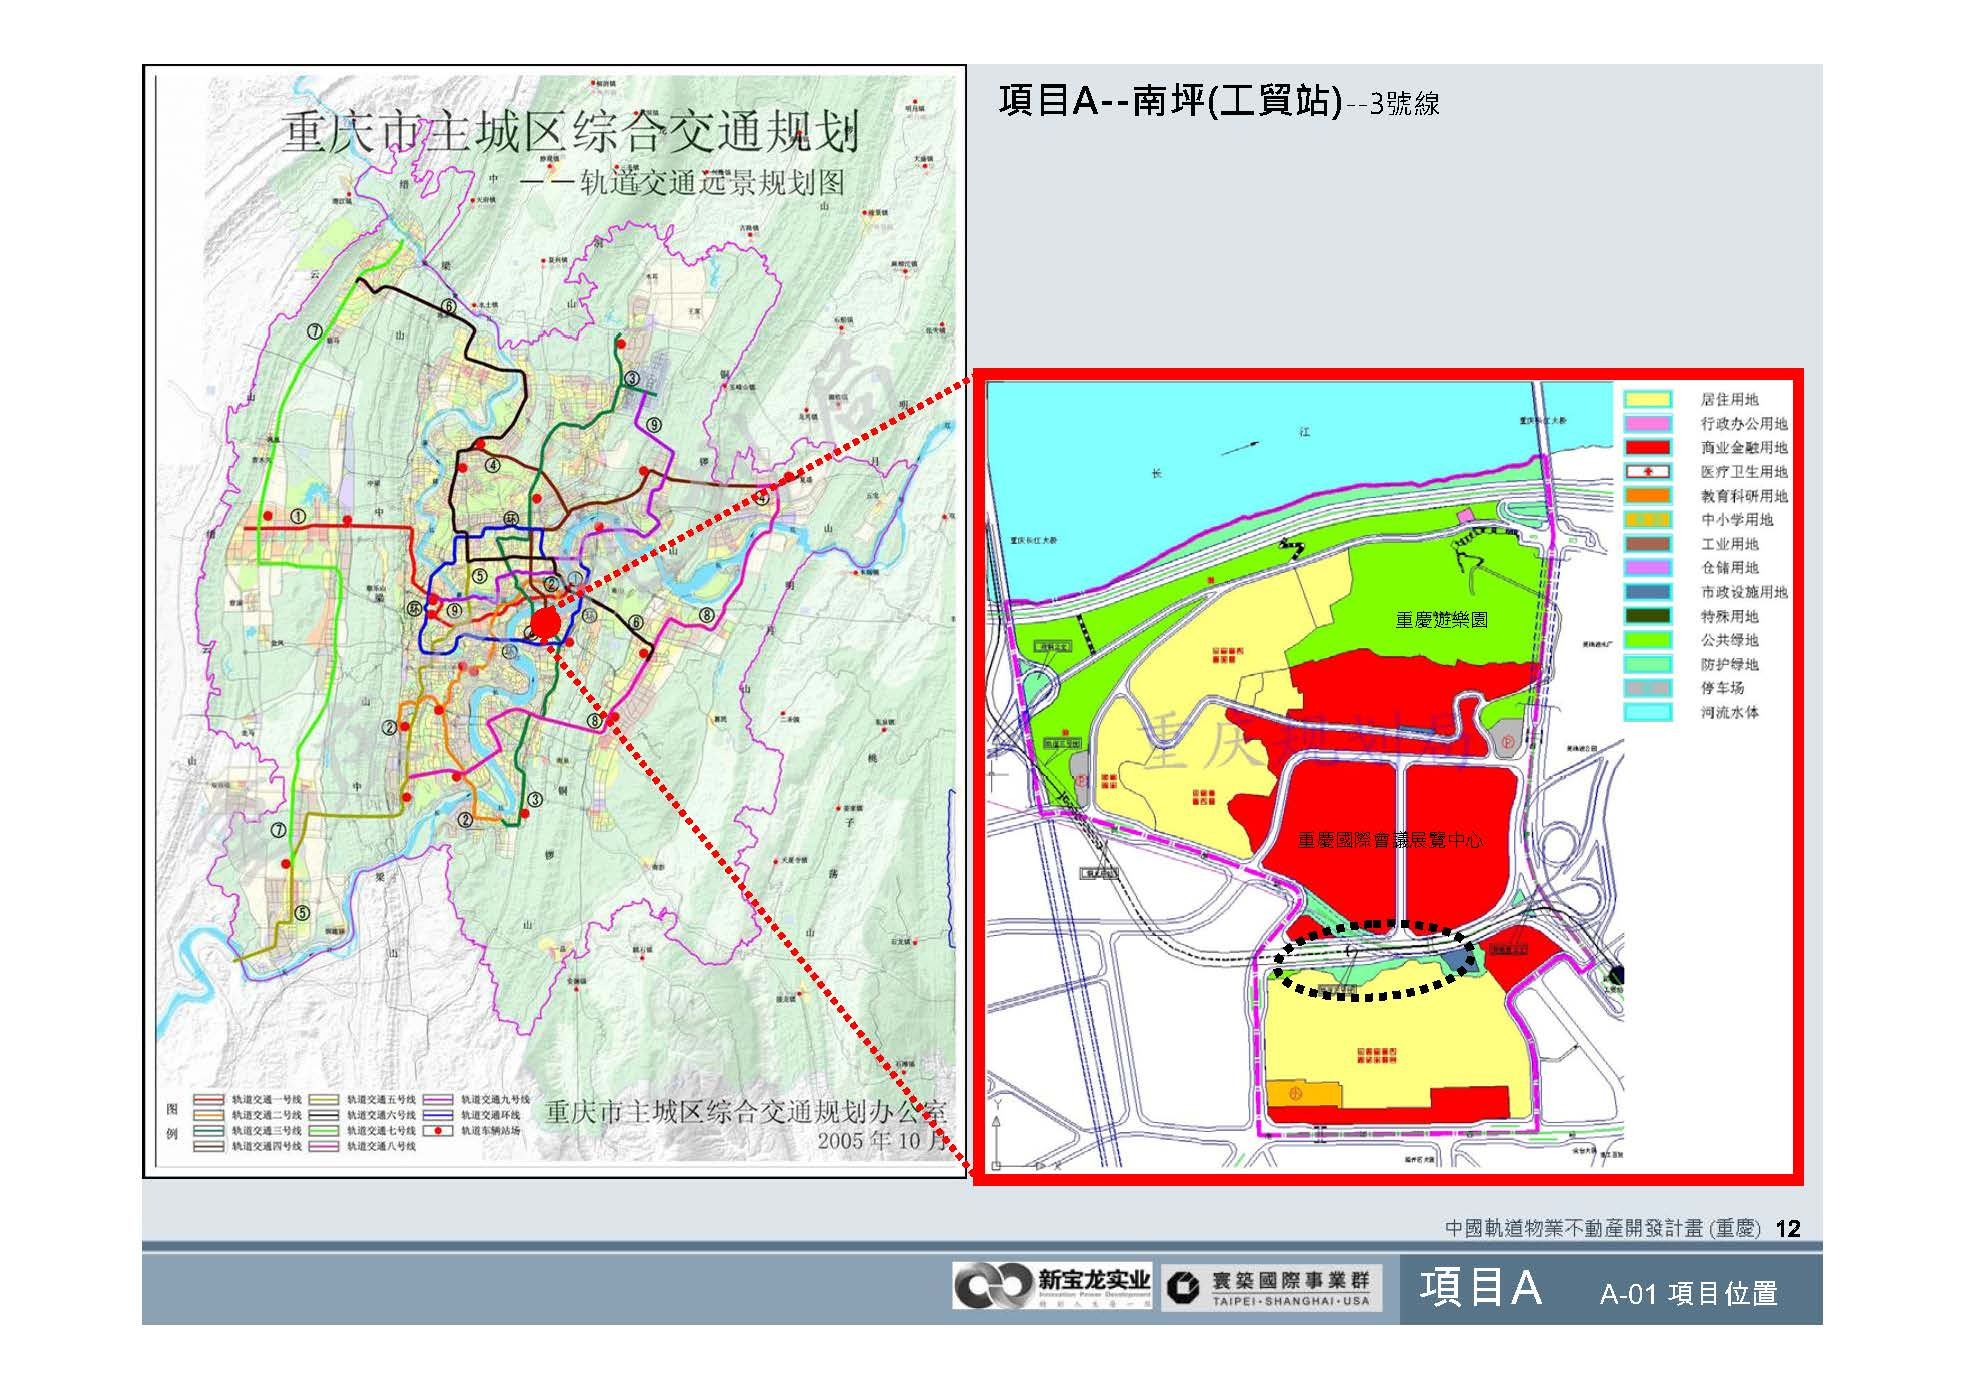 20100812-中國軌道物業不動產開發計畫(重慶)_頁面_13